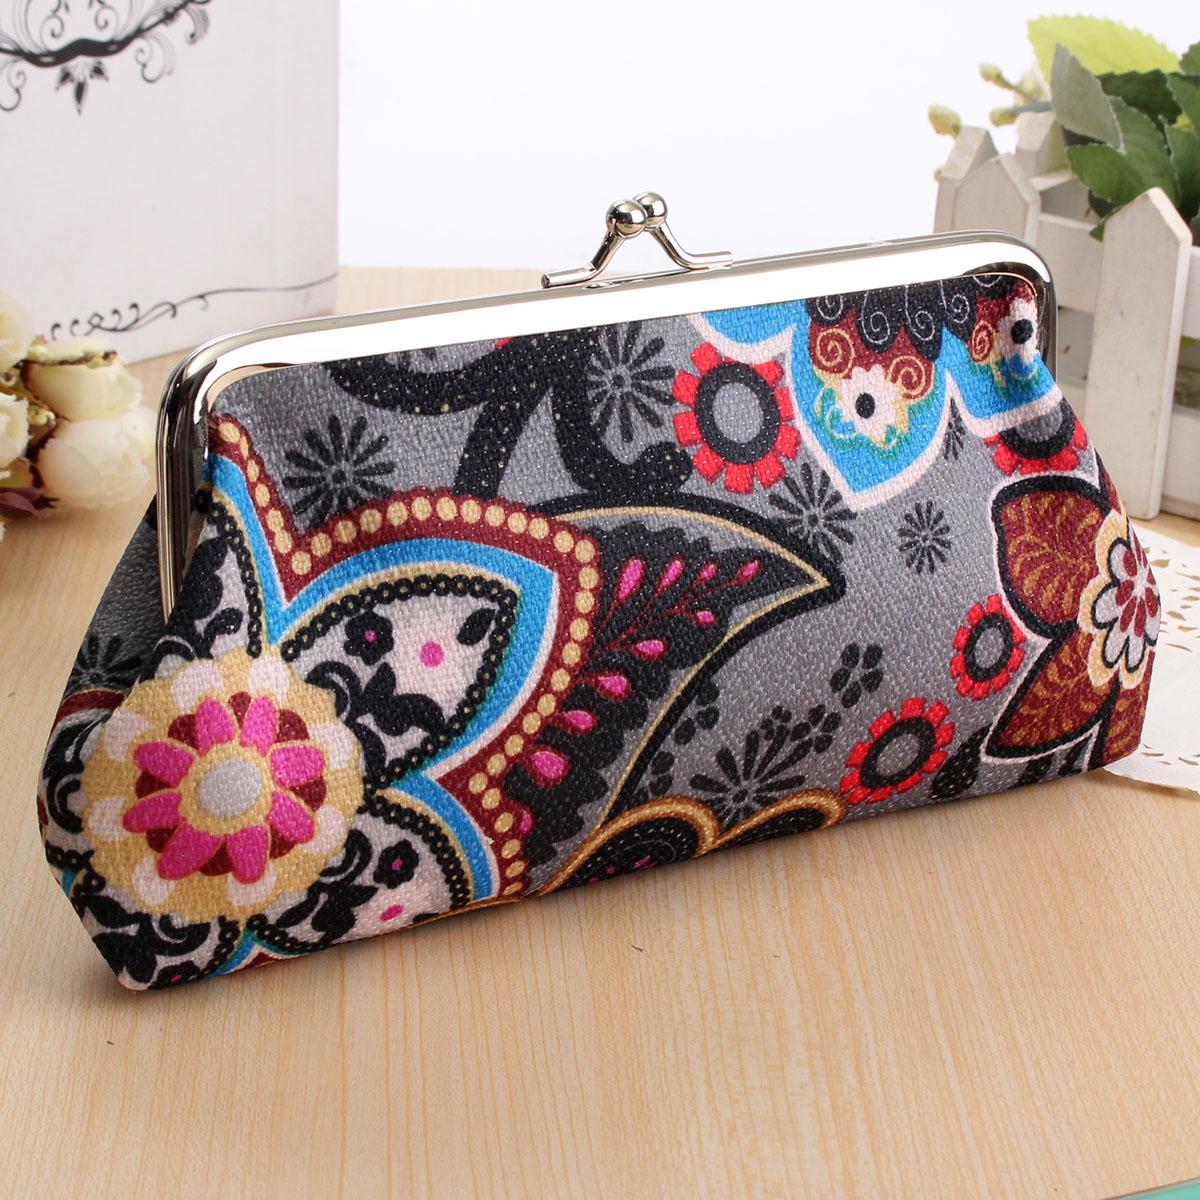 Fashion Women Cute Mini Flower Coin Wallet Floral Purse Card Holder Bag Handbag